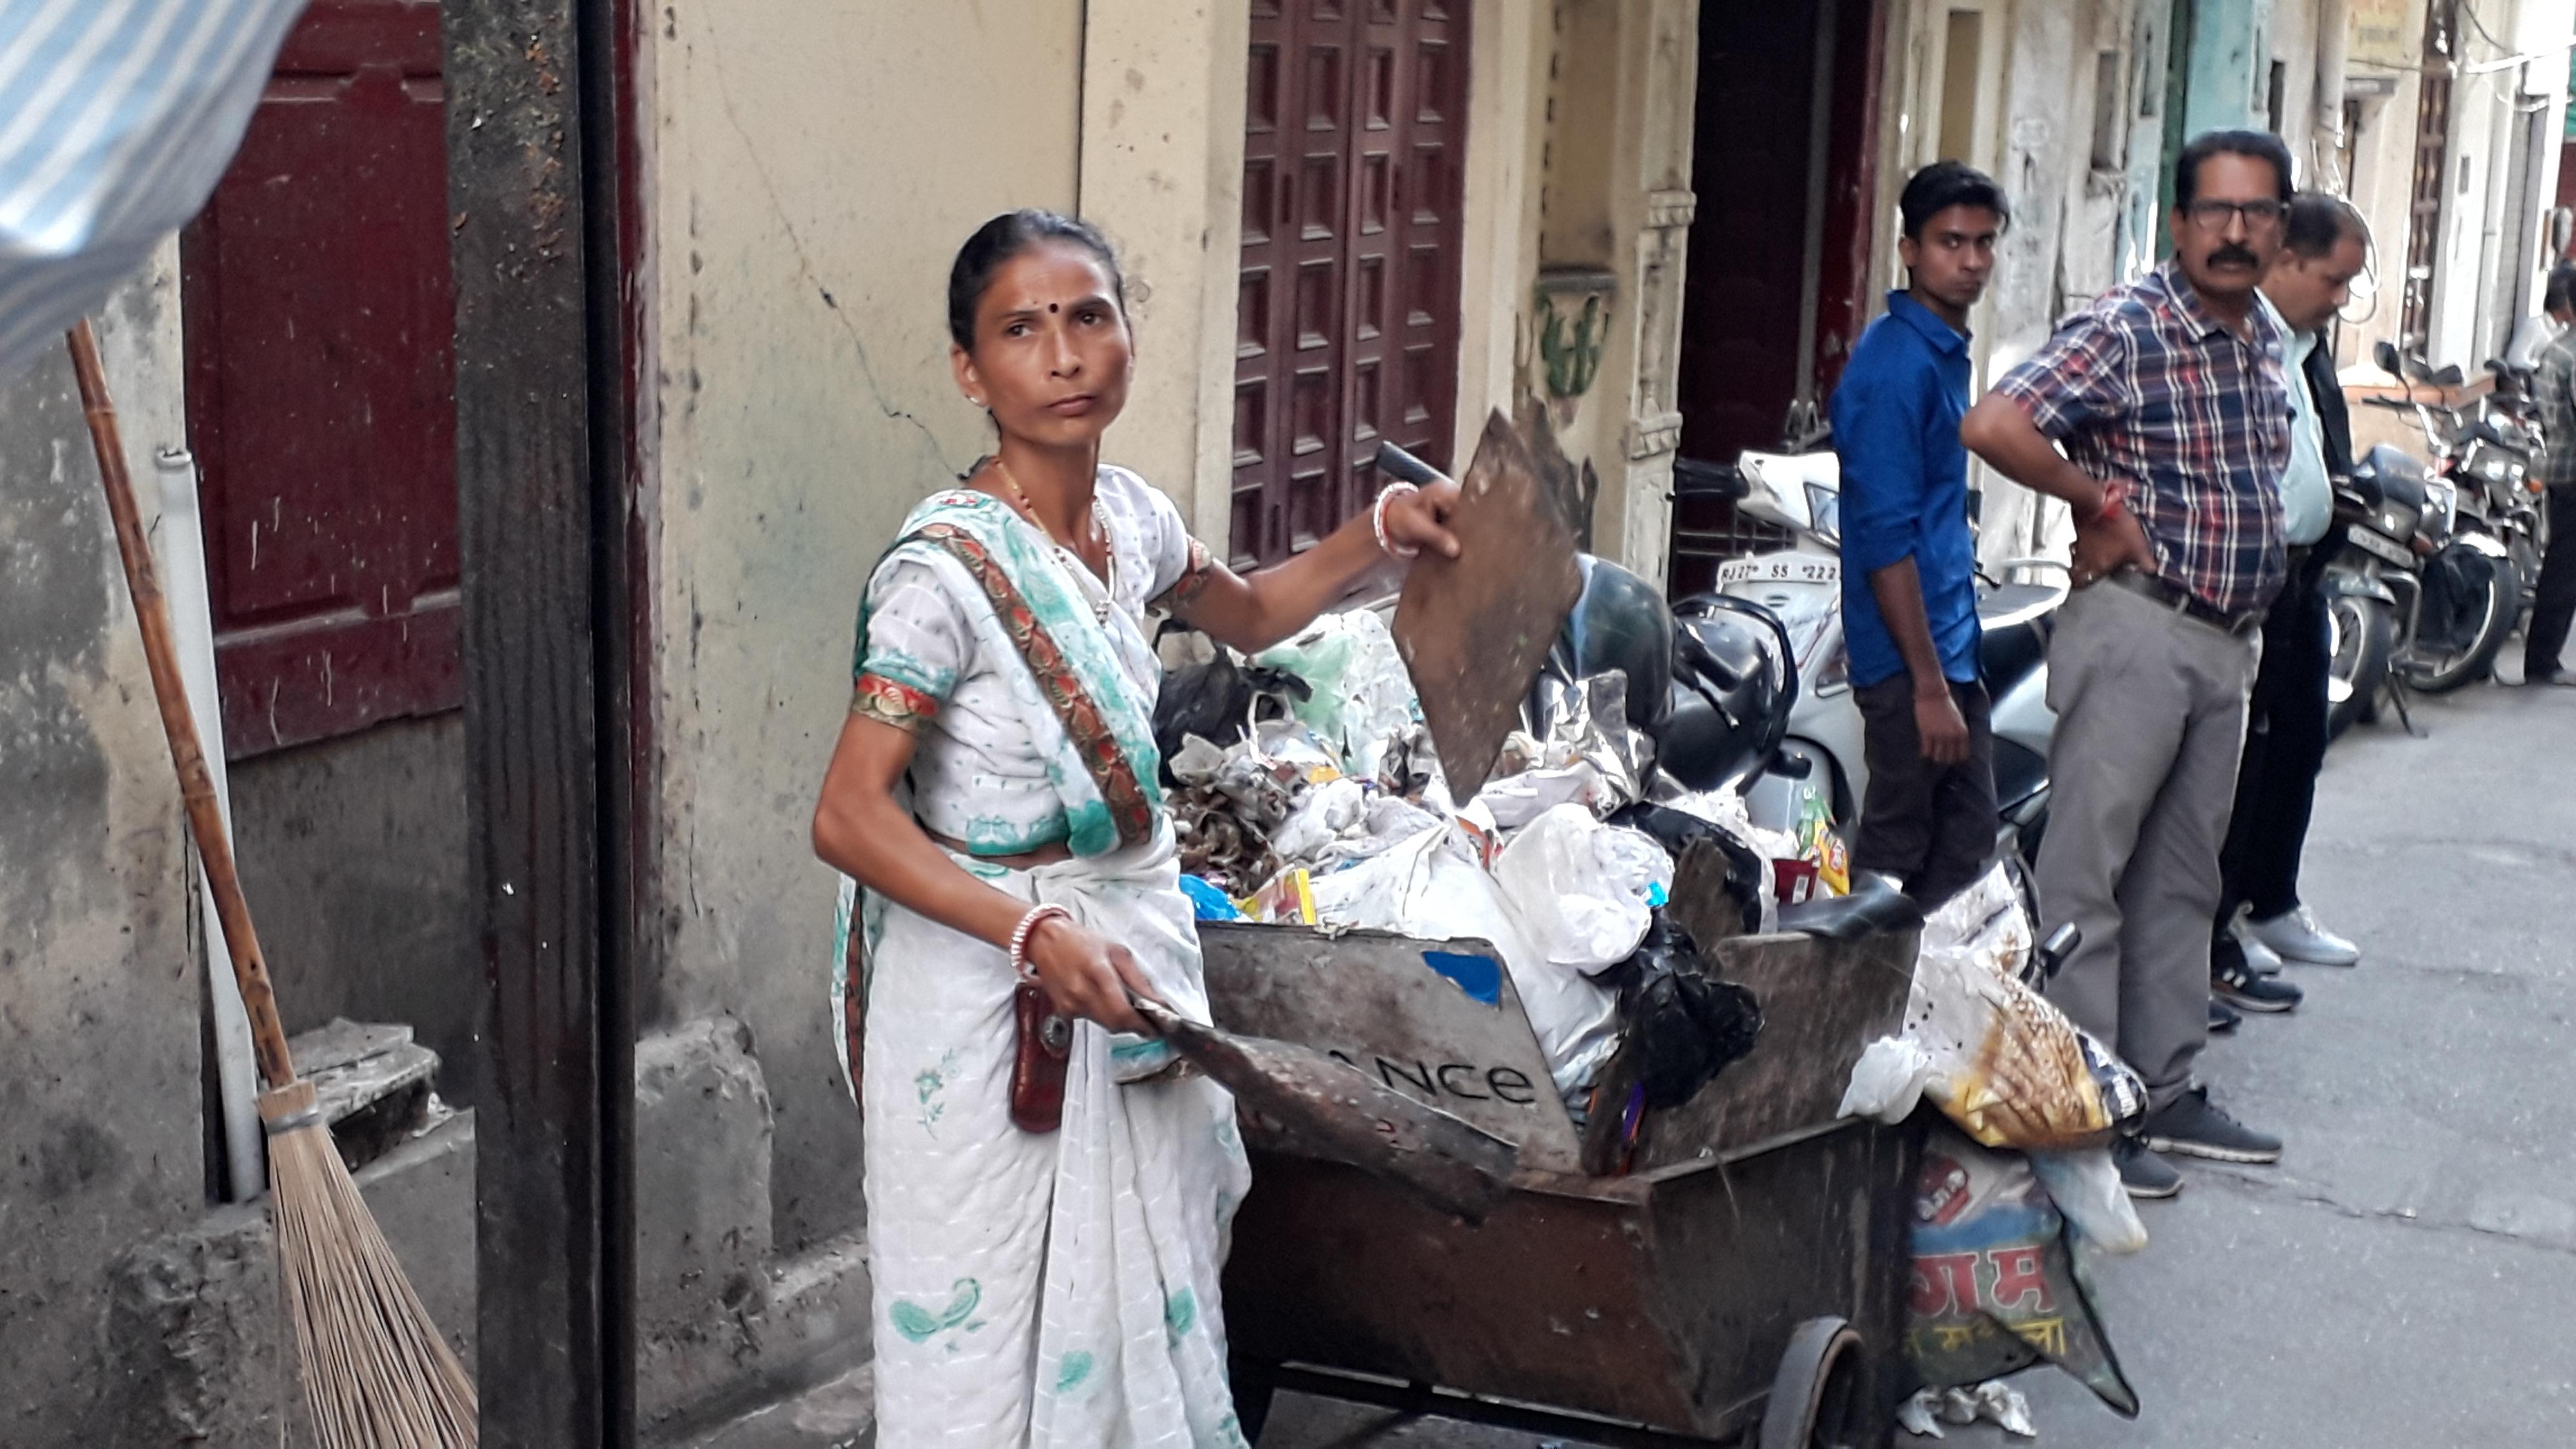 उदयपुर में तीन हजार वेतन में काम रह थी एवजी महिला सफाईकर्मी, यूं खुली पोल...